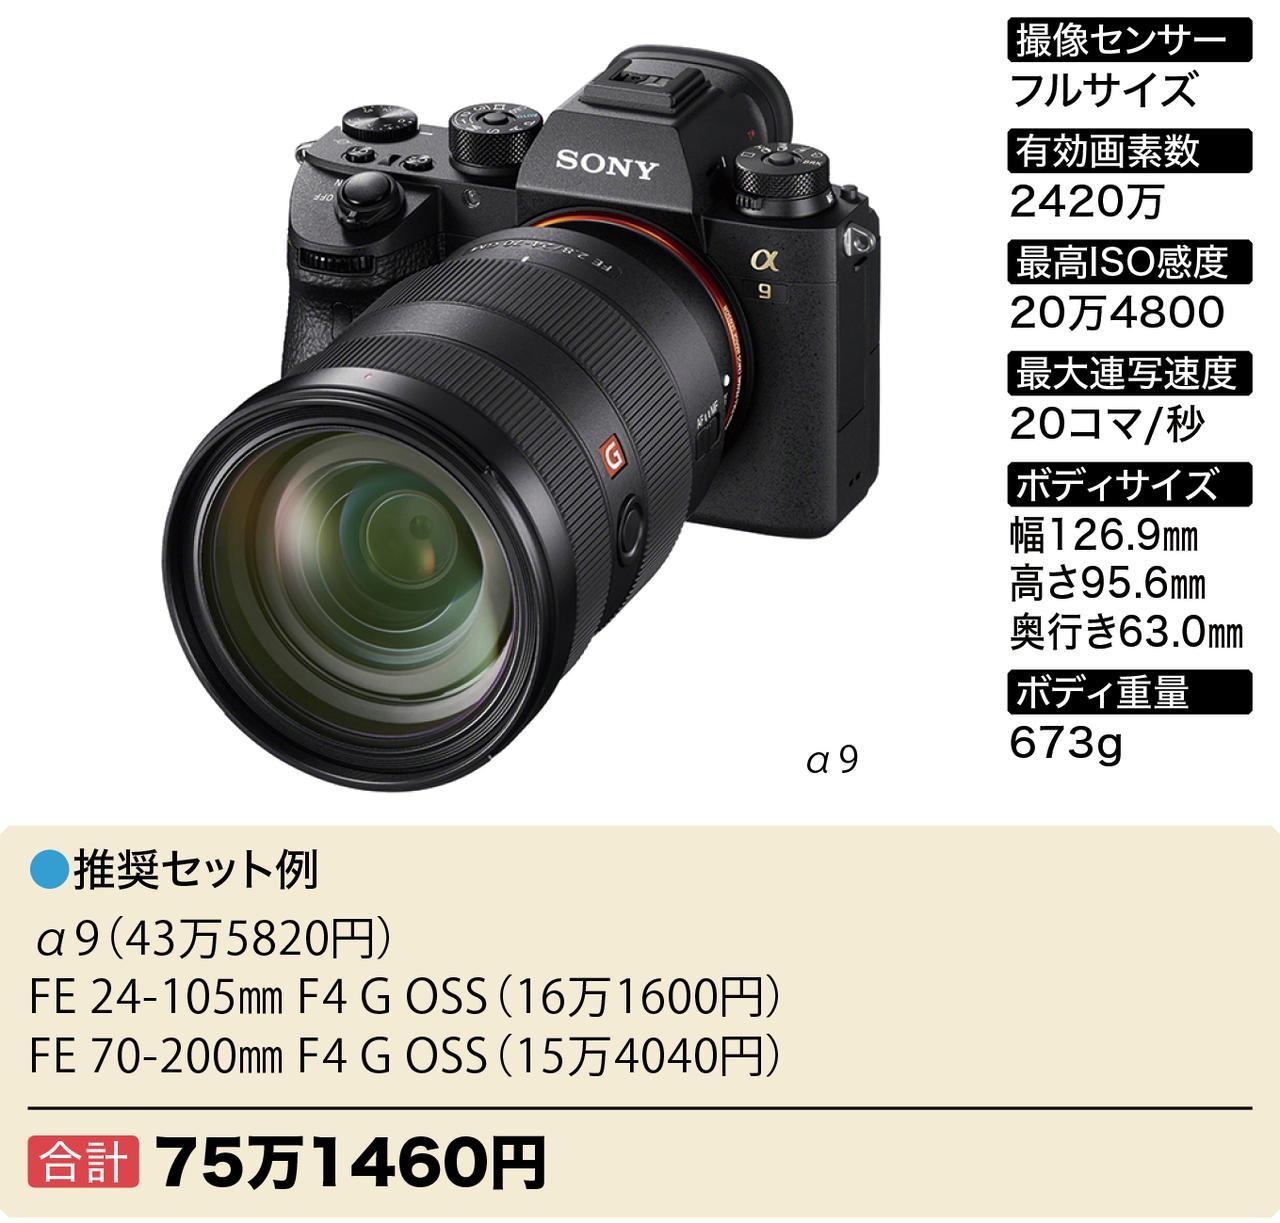 画像3: Wズーム&ボディセットで40万円~おすすめフルサイズミラーレス6選